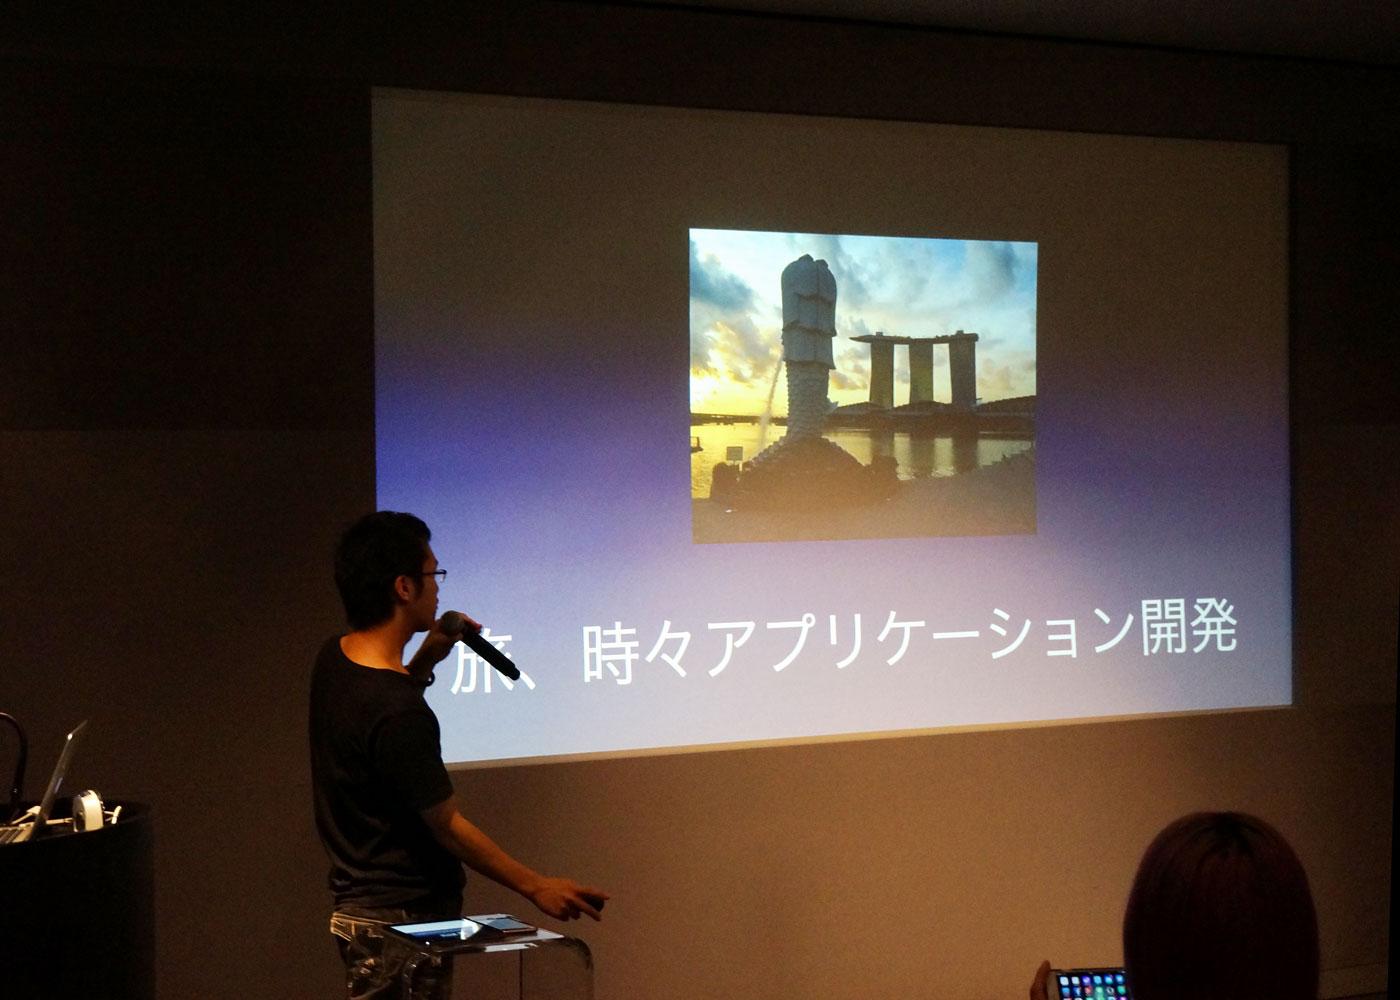 アプリ道場演武会・そーちゃんさんの発表